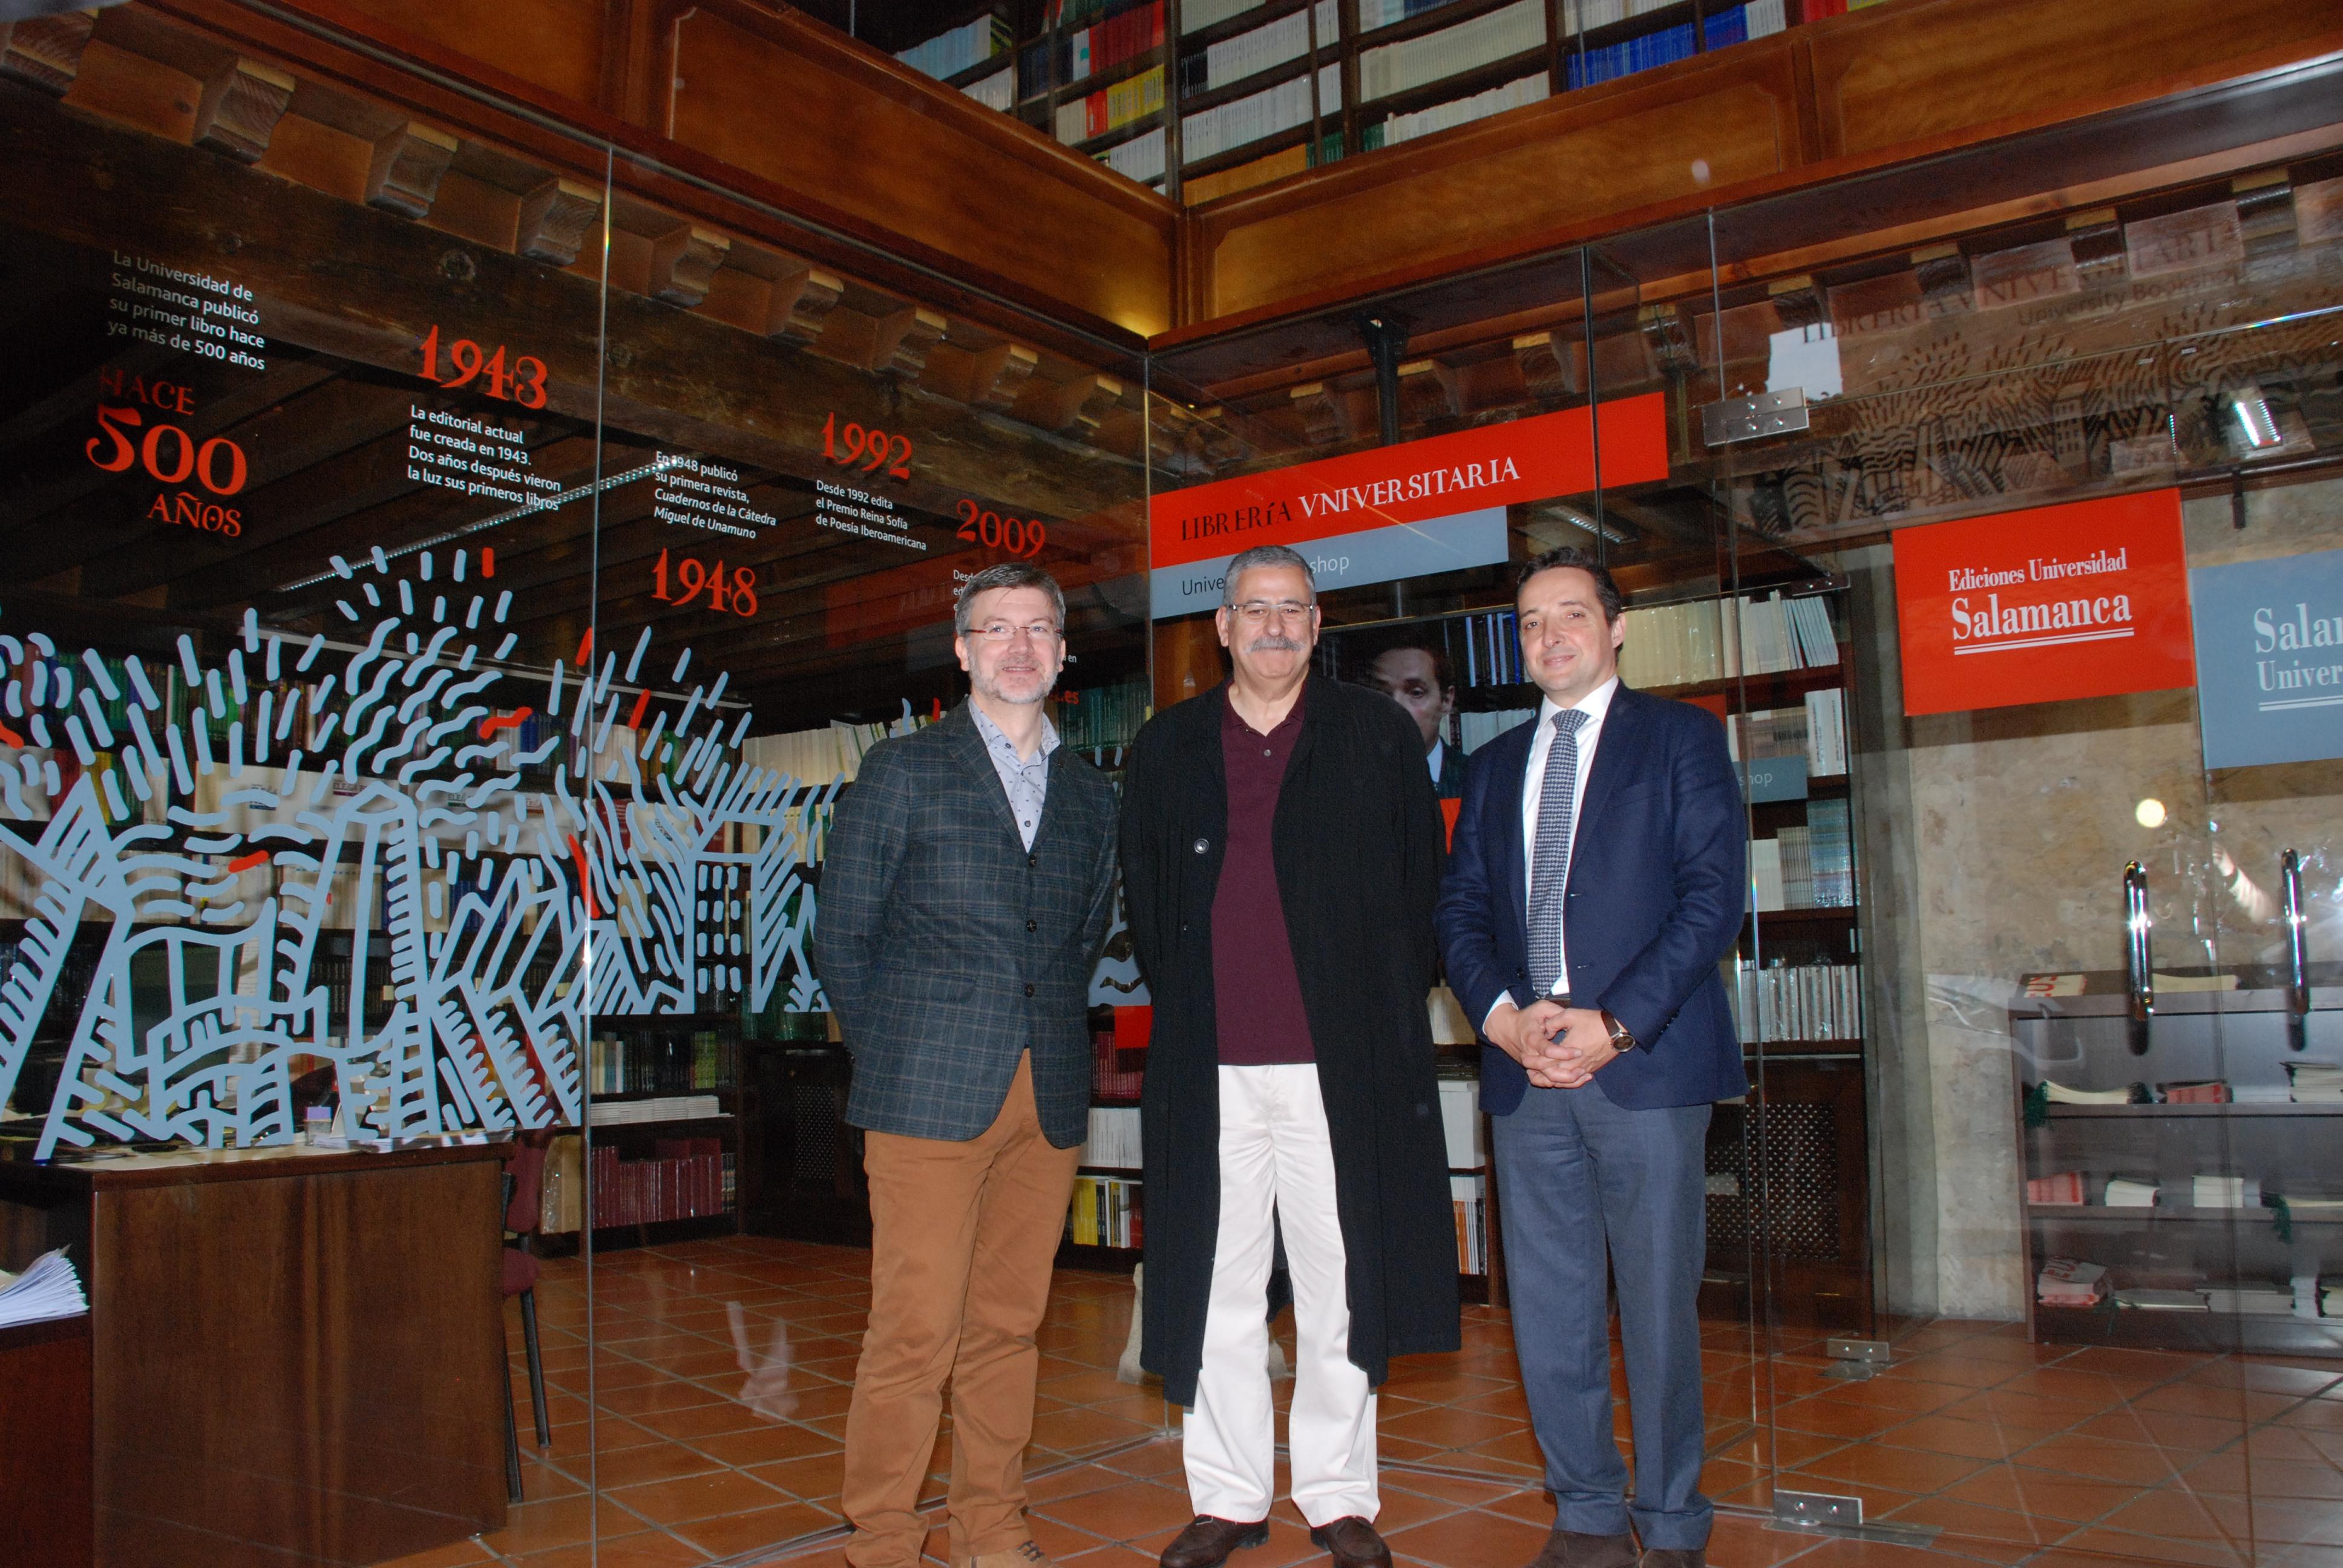 Emilio Gil, Medalla de Oro al Mérito en las Bellas Artes 2015, visita la Librería de Ediciones Usal acompañado del vicerrector de Investigación